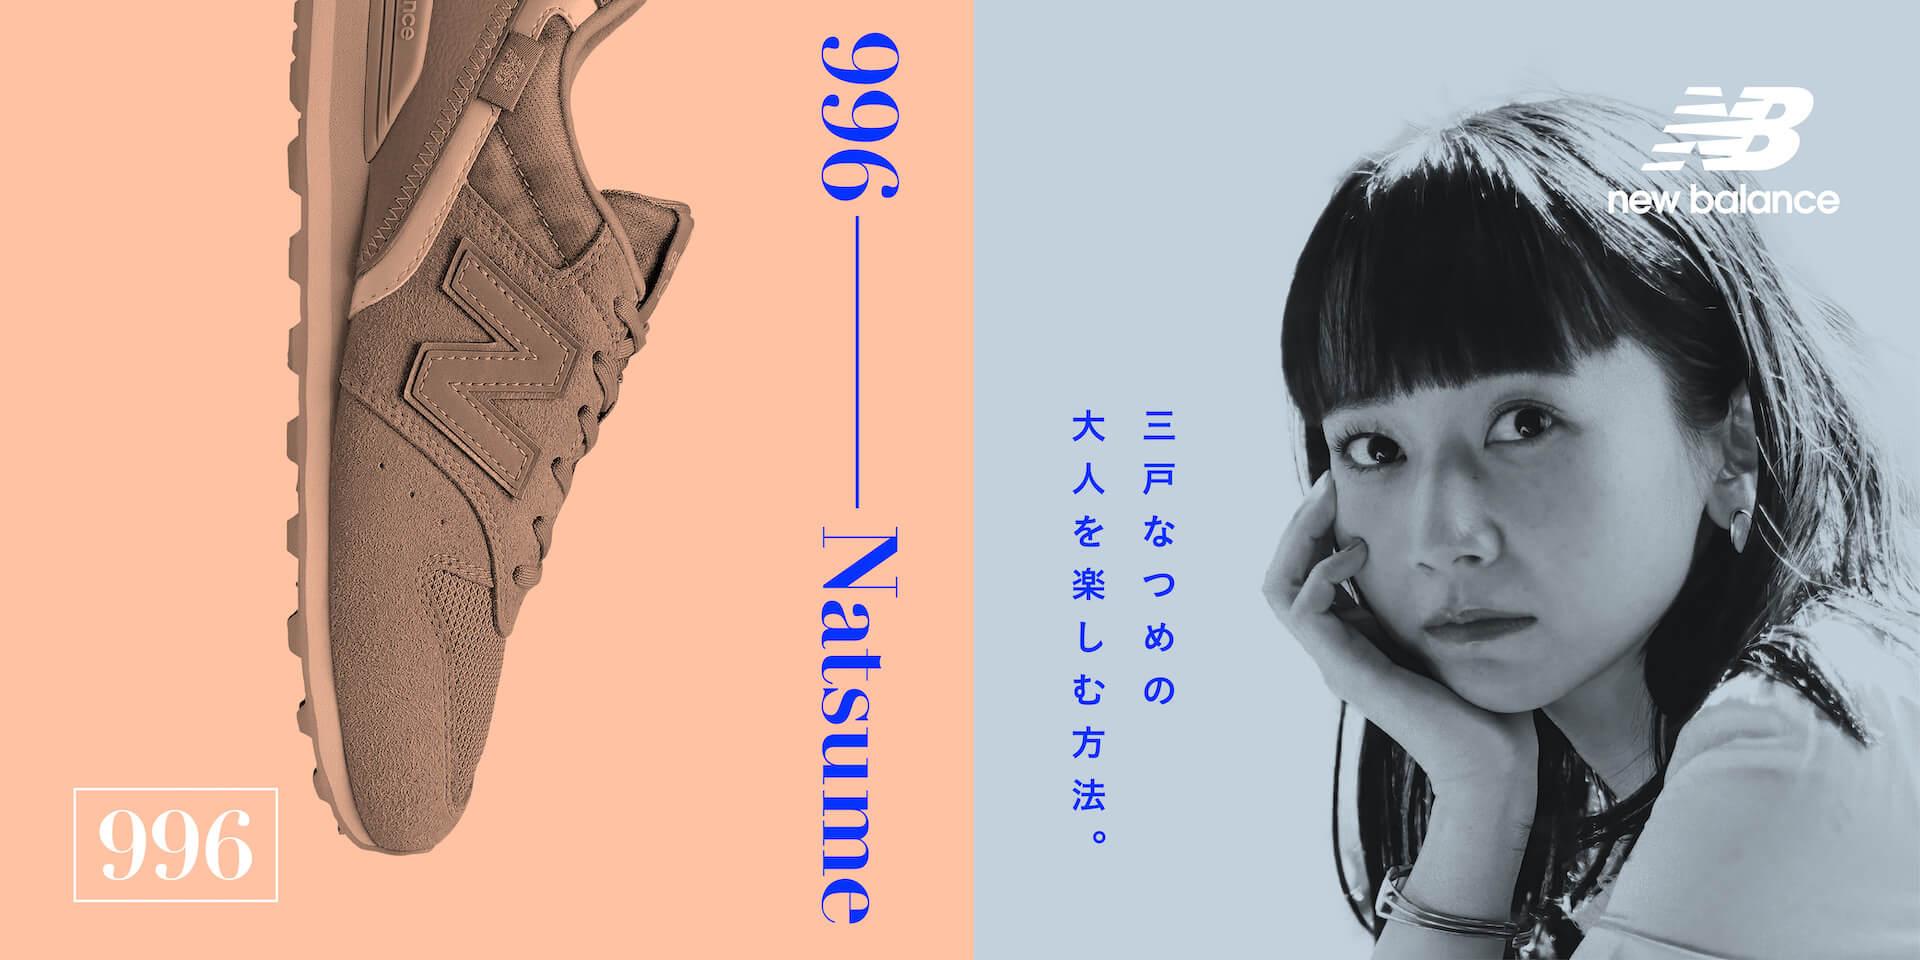 三戸なつめがニューバランス「WL996」の最新作でセルフコーディネート!特設サイトでインタビューも公開 life210401_newbalance996_yoshimura2